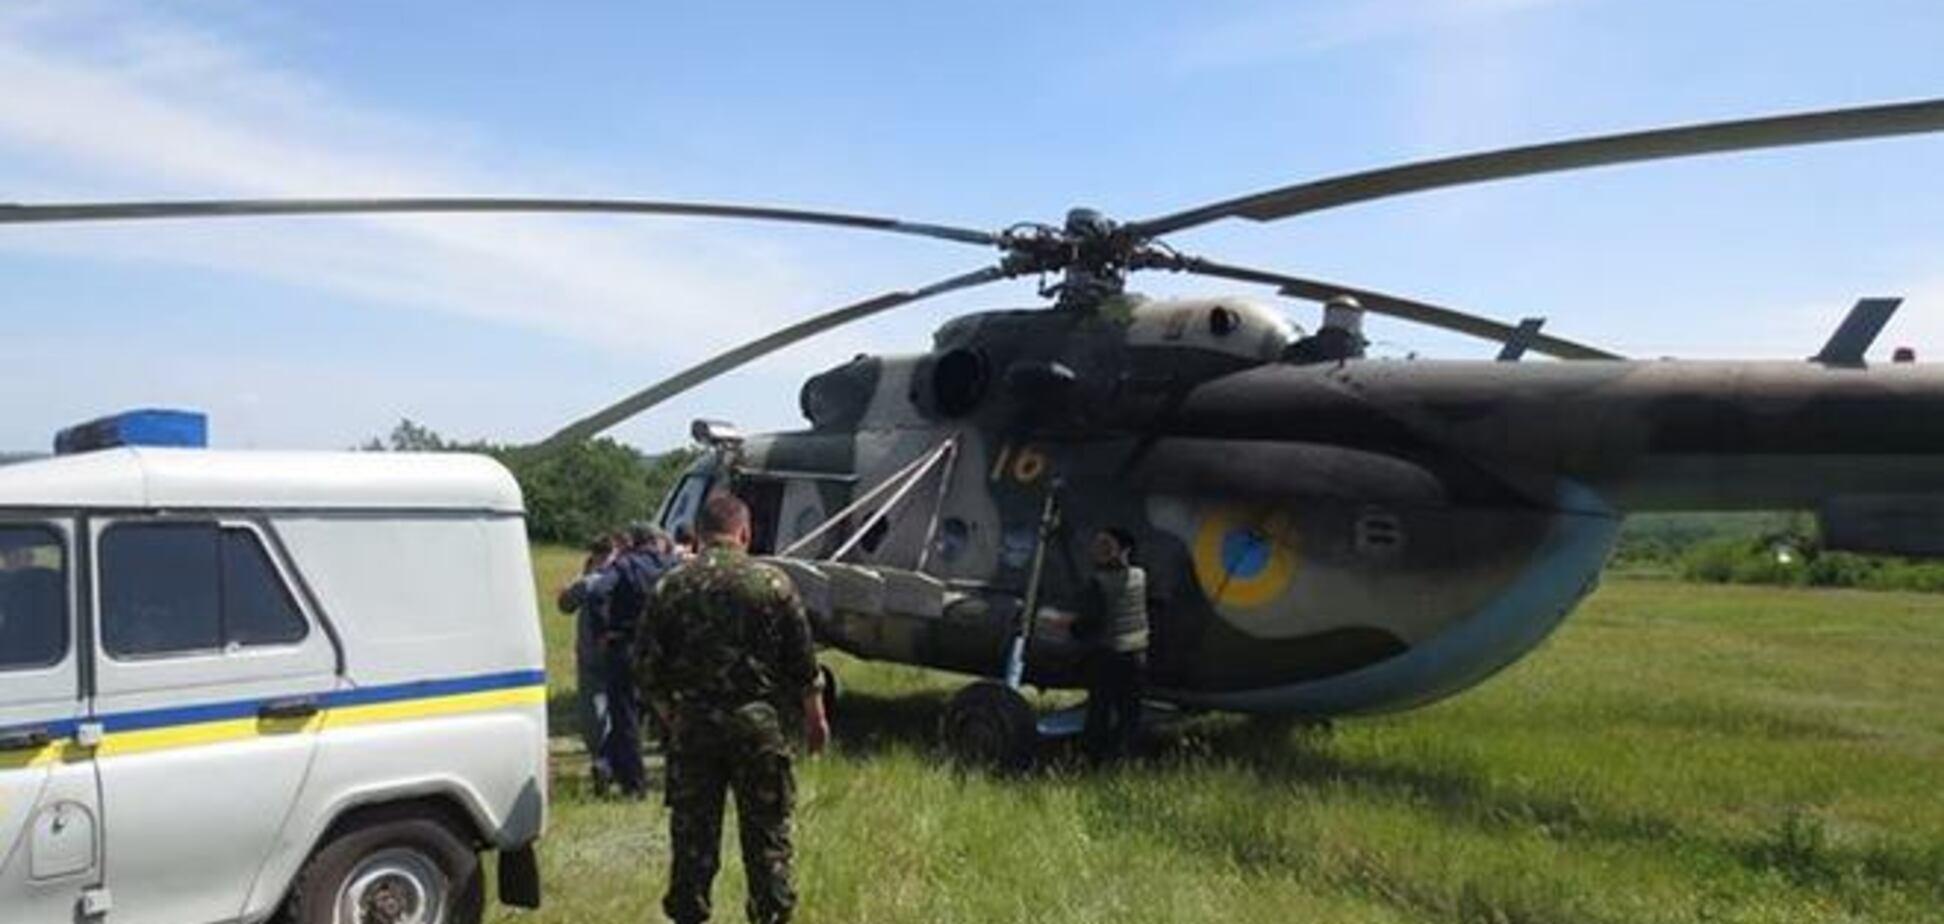 Под Славянском террористы выследили и сбили украинский вертолет, экипаж погиб - журналист